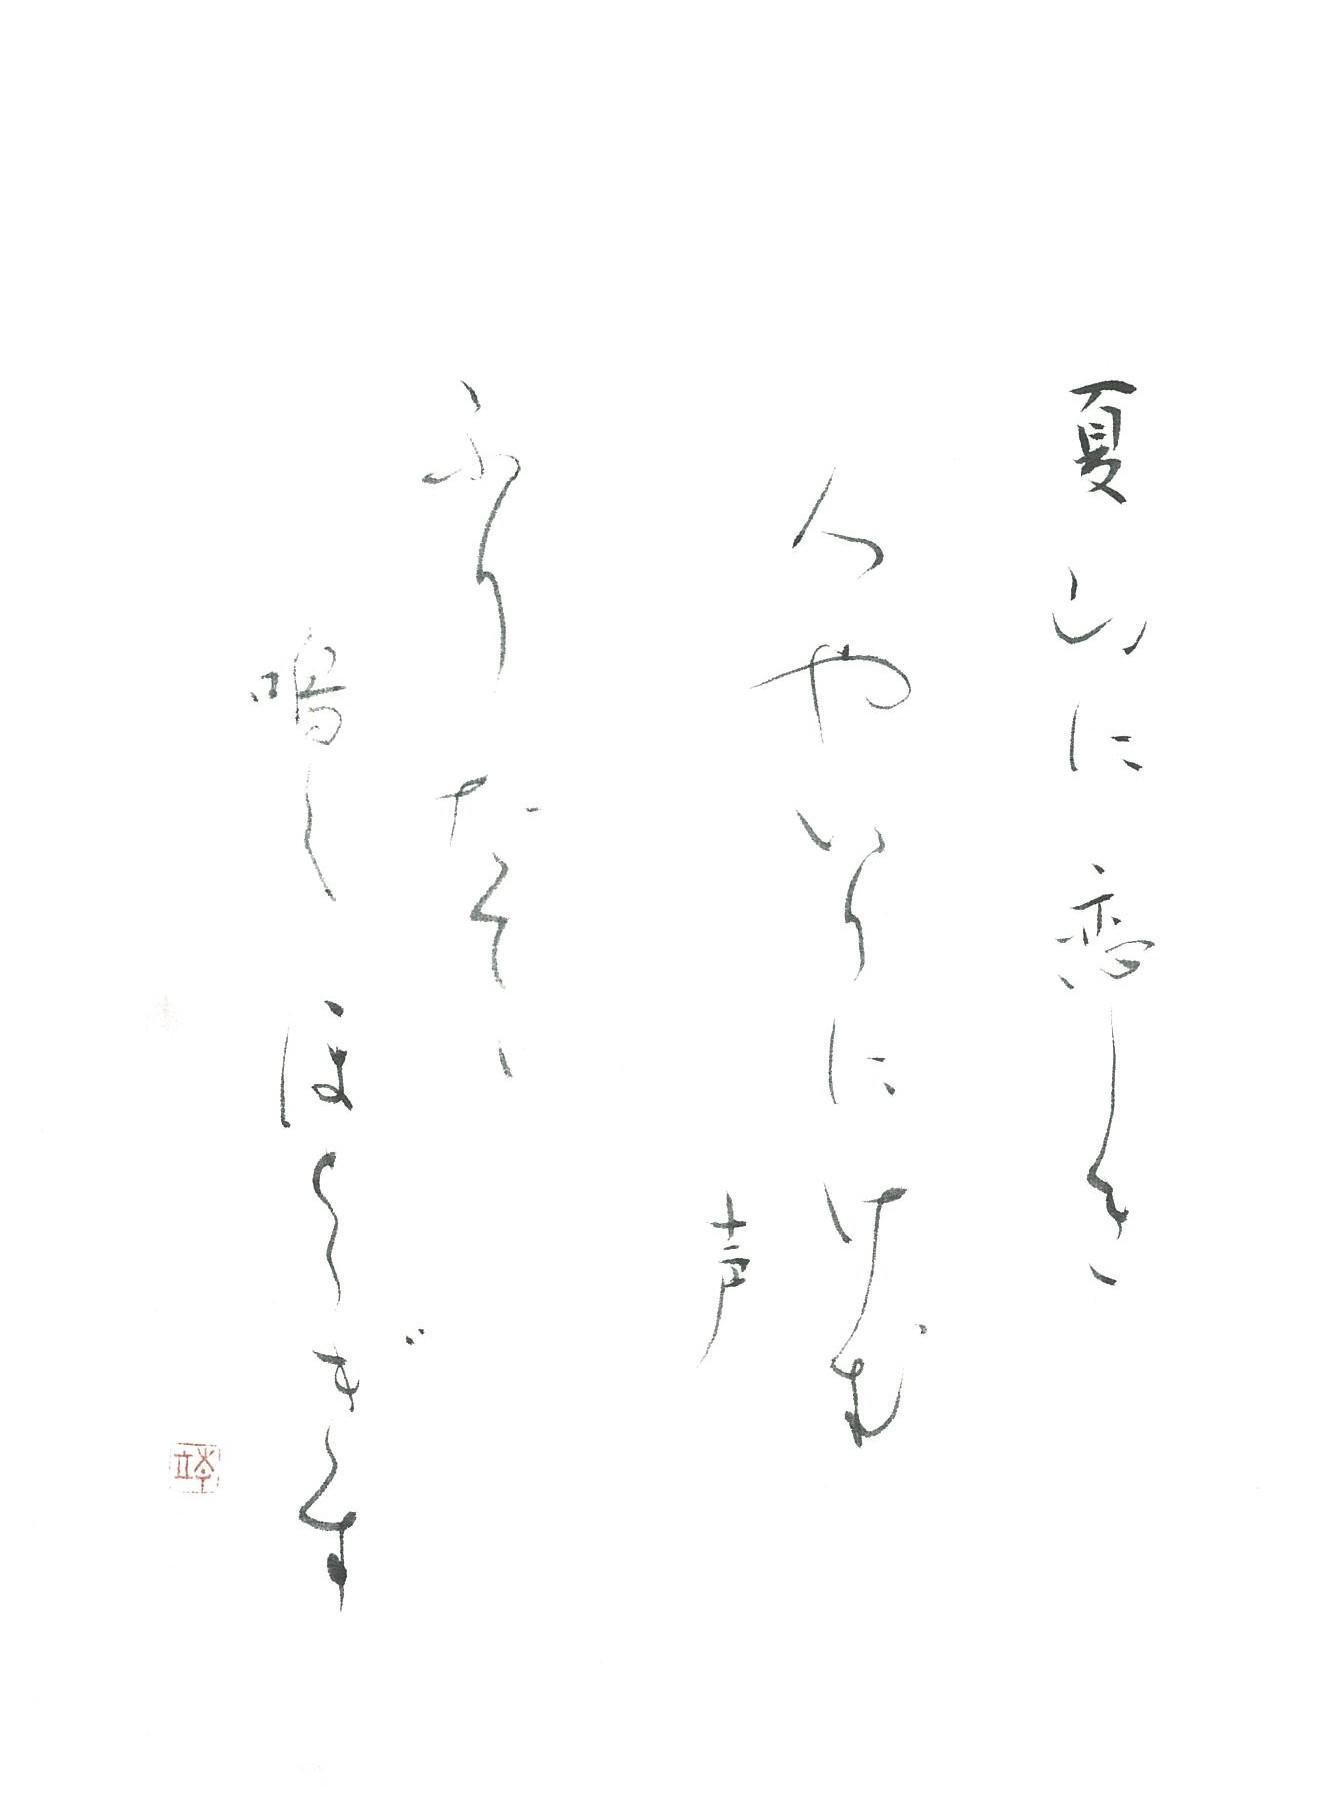 <第3回>かなに合わせて かな文字の繊細でやさしい雰囲気の作品に挑戦